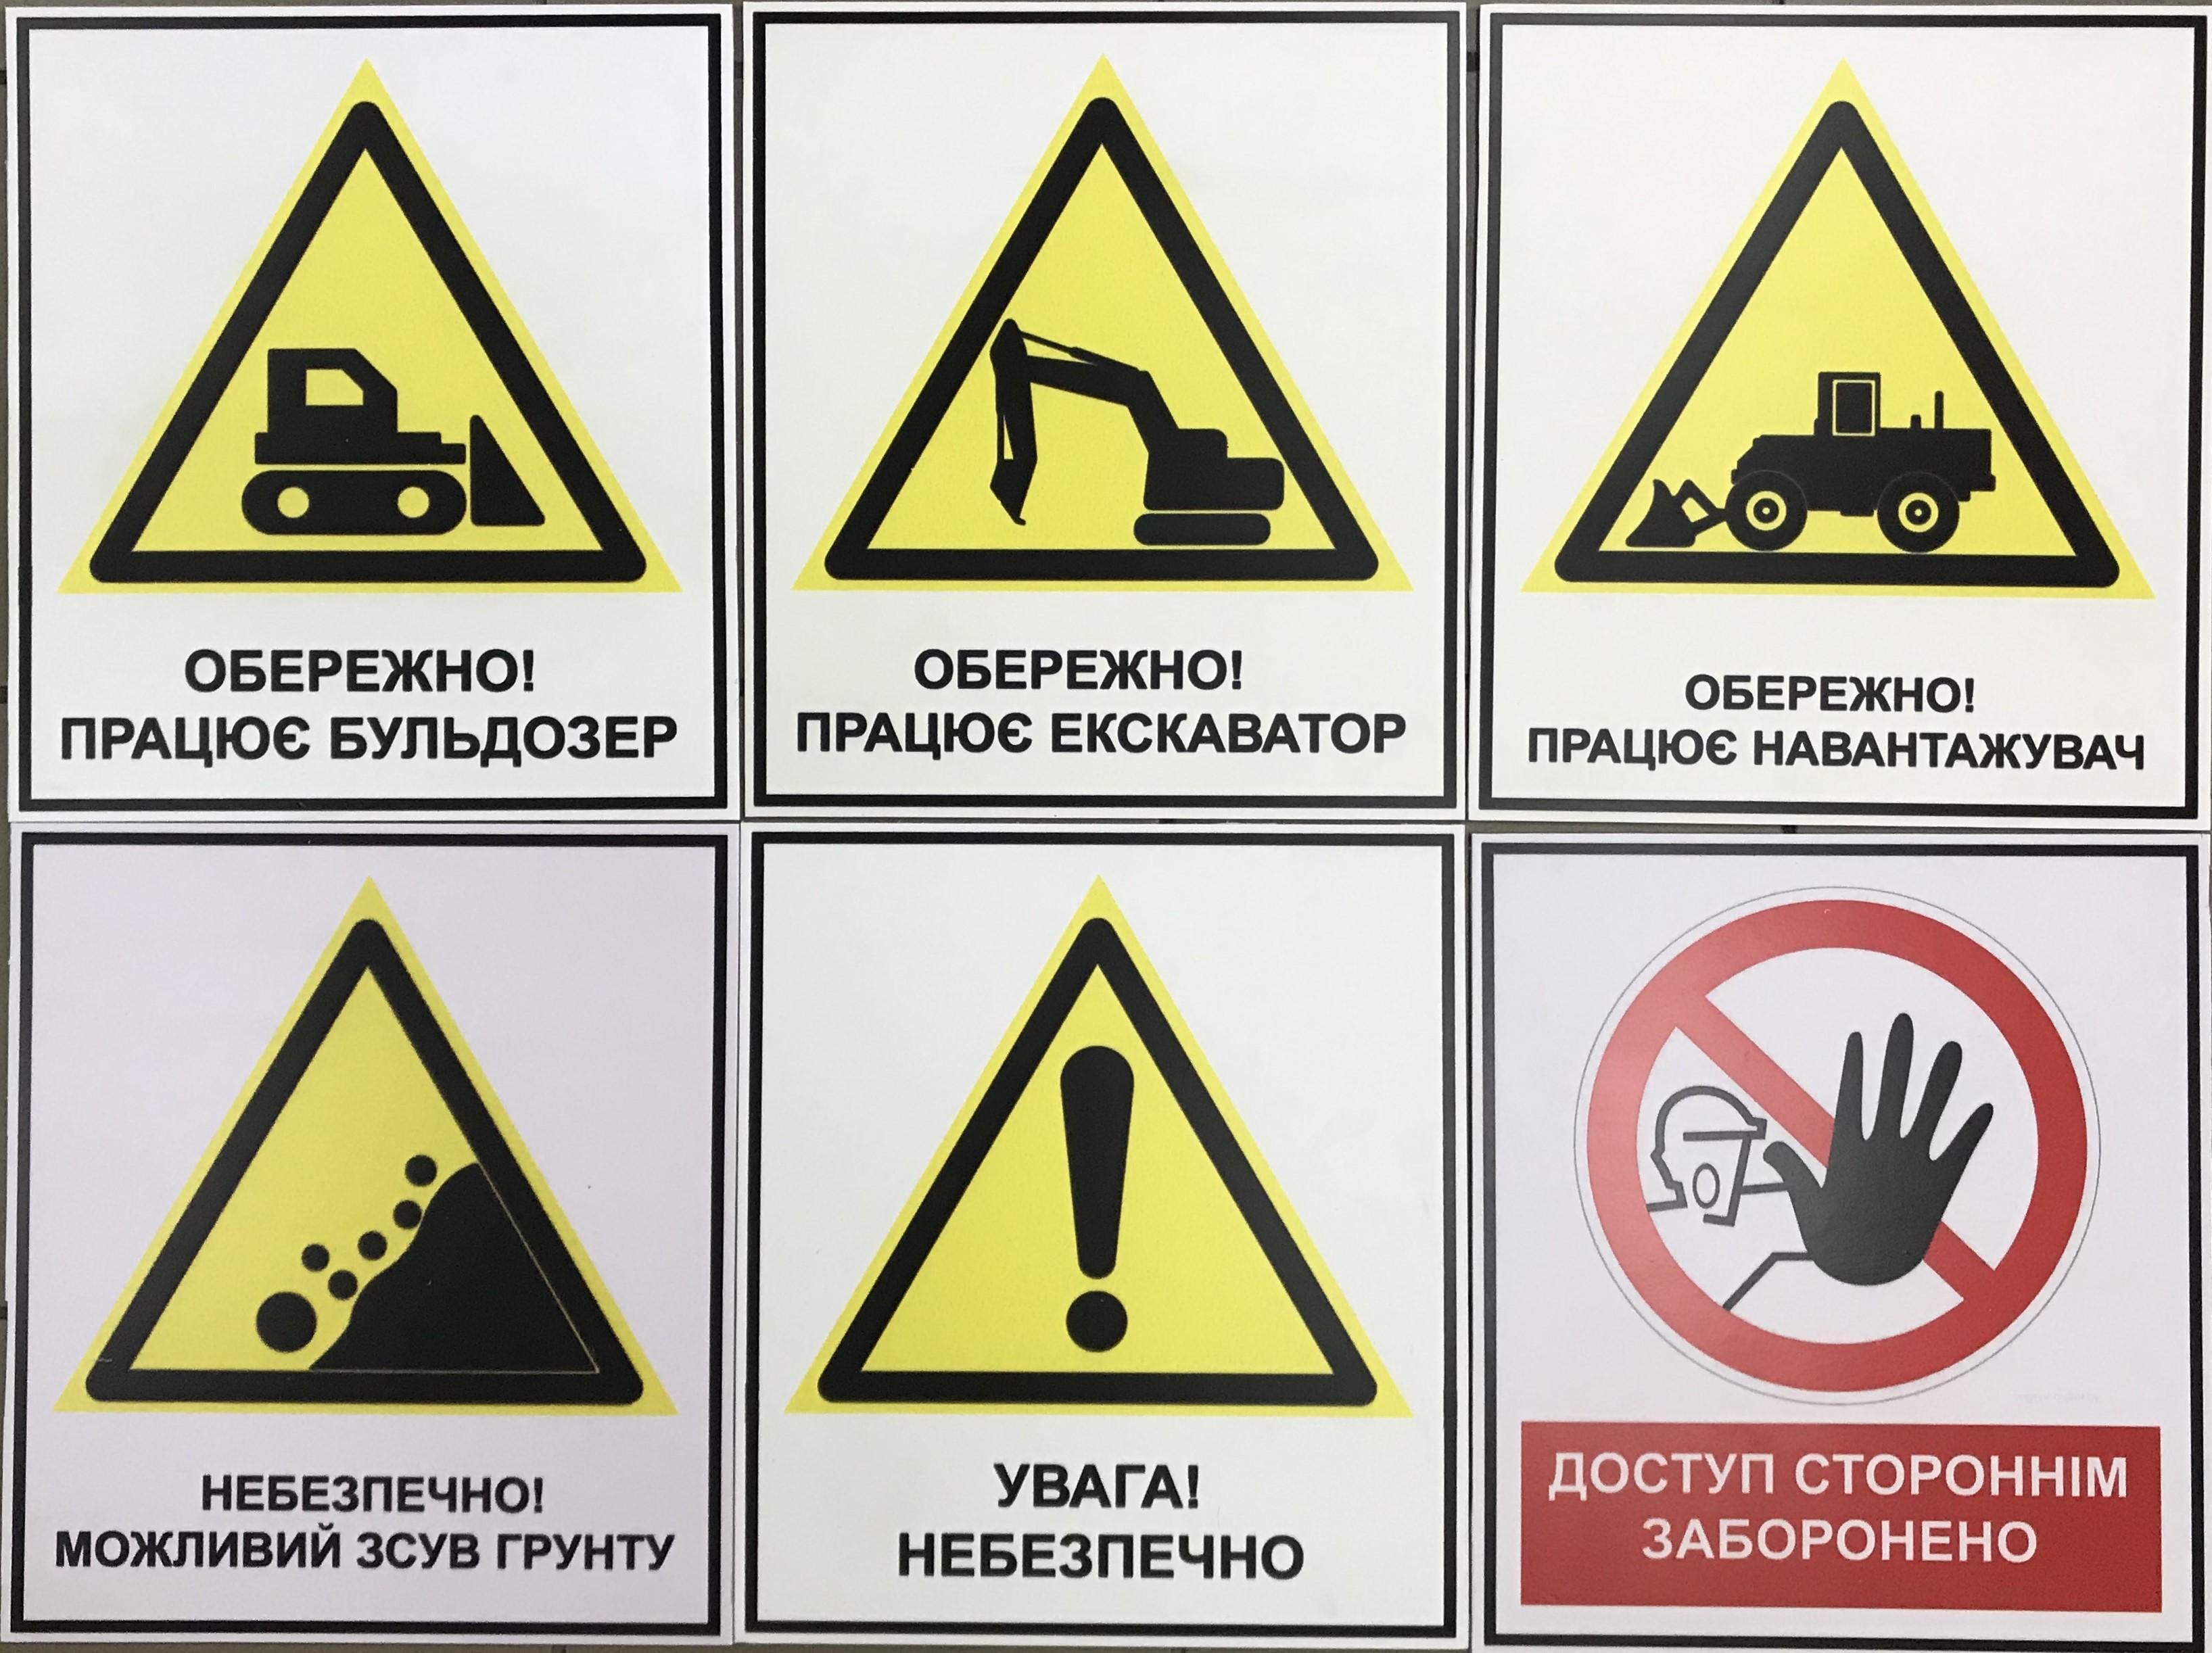 Попереджувальних знаки для будівельного майданчика. Знаки: Обережно! Працює екскаватор. Працює бульдозер. Працює навантажувач. Інші небезпеки. Прохід заборонено. Доступ стороннім заборонено. Можливий зсув грунту